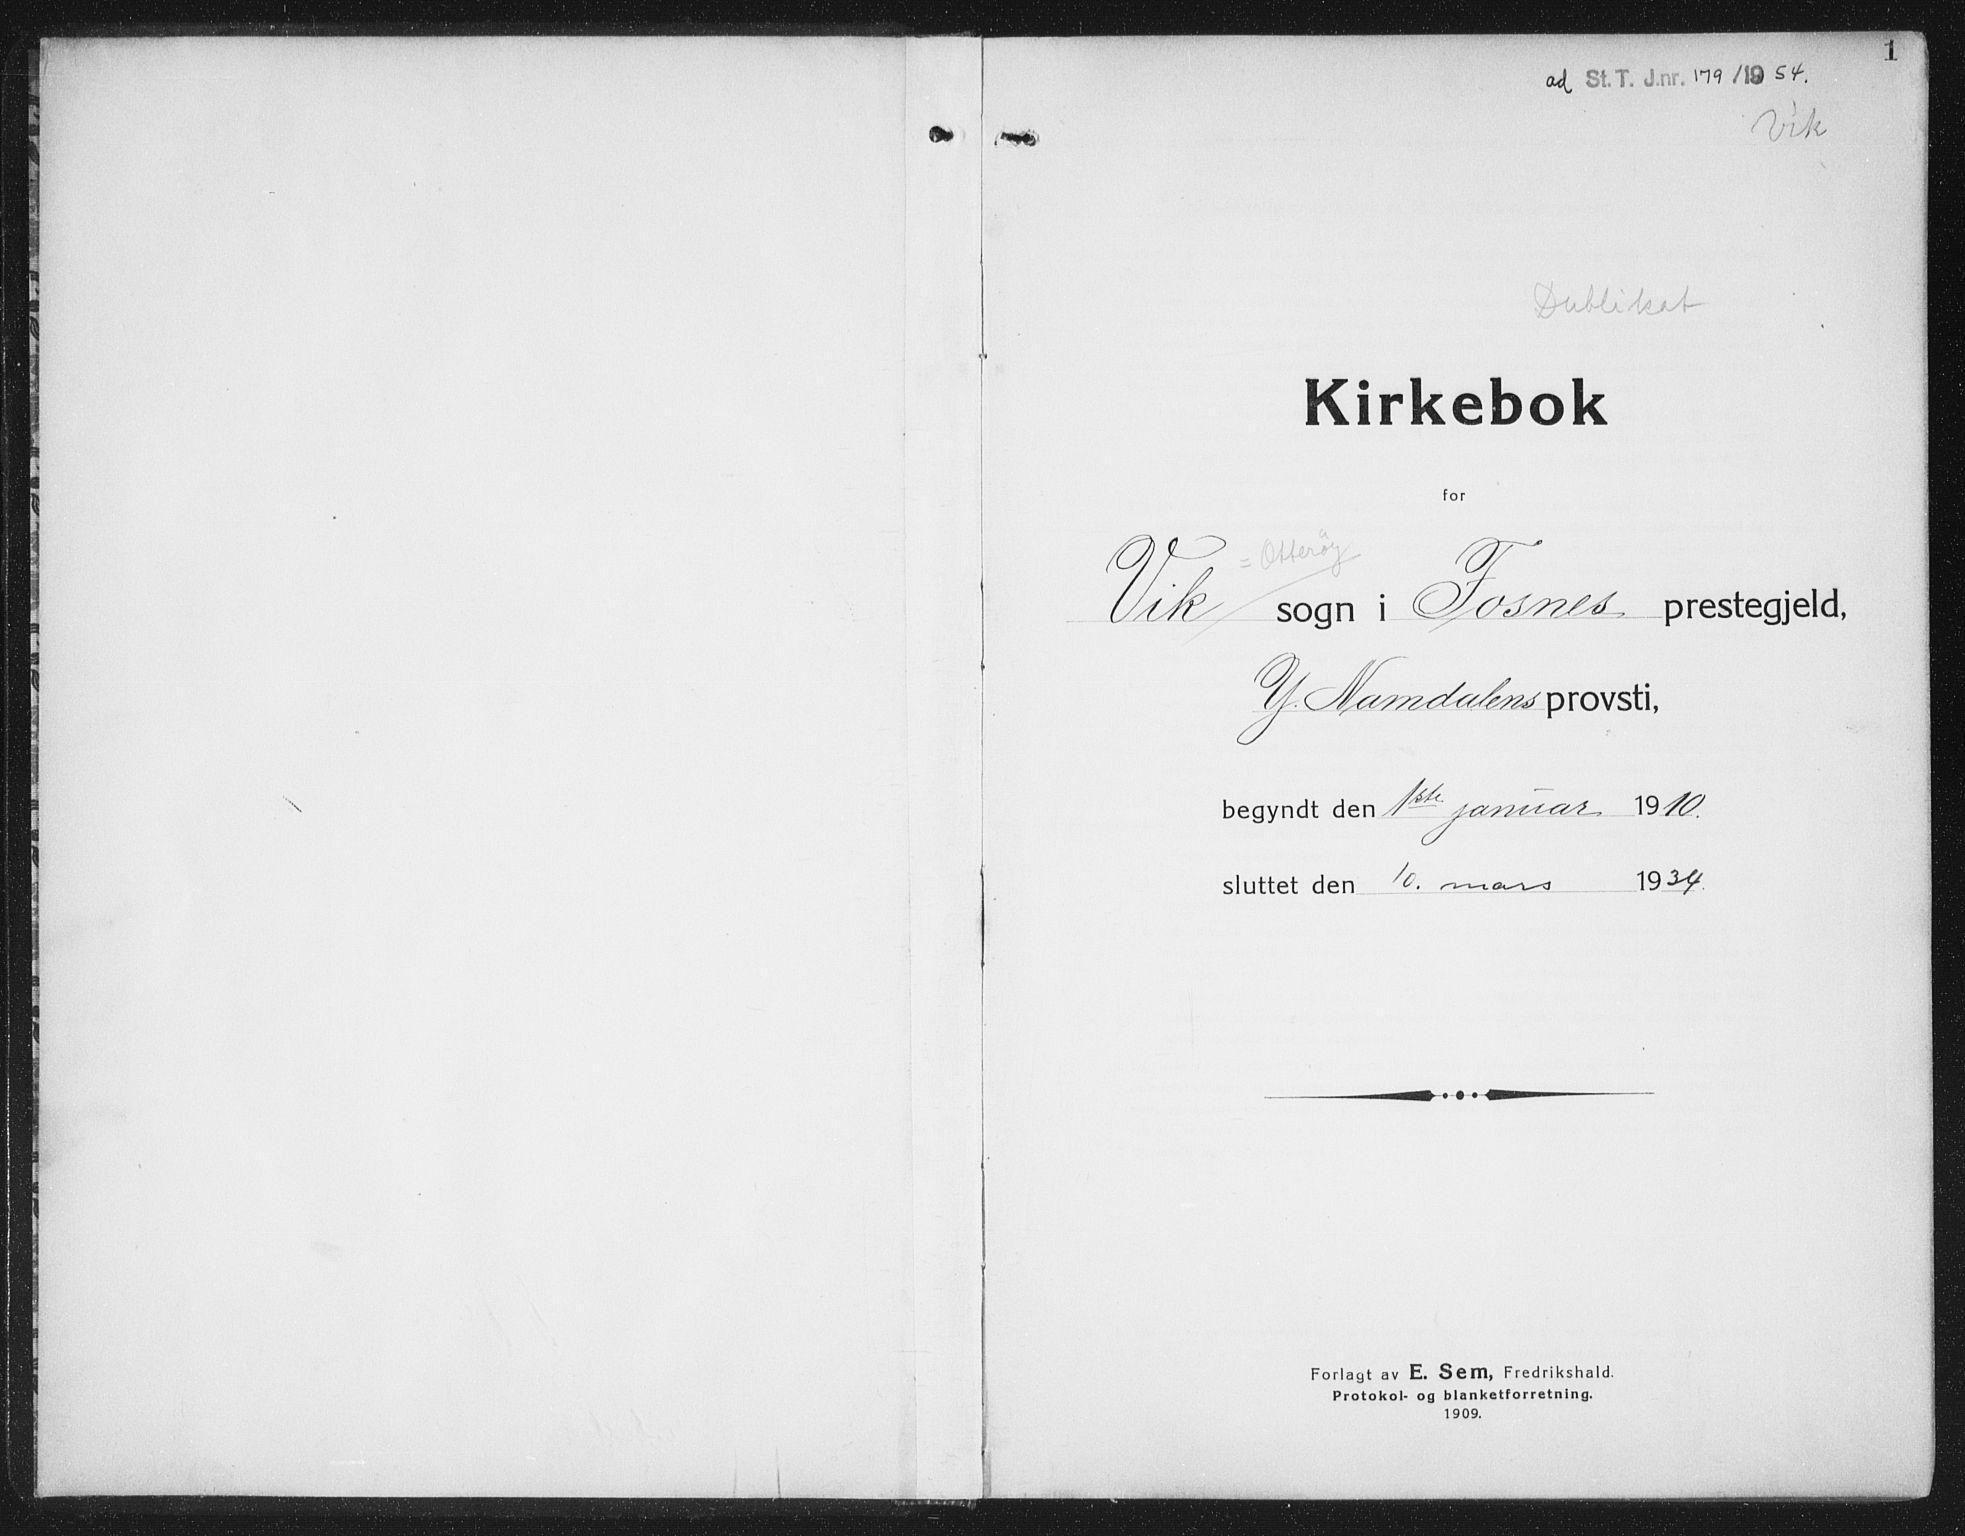 SAT, Ministerialprotokoller, klokkerbøker og fødselsregistre - Nord-Trøndelag, 774/L0630: Klokkerbok nr. 774C01, 1910-1934, s. 1